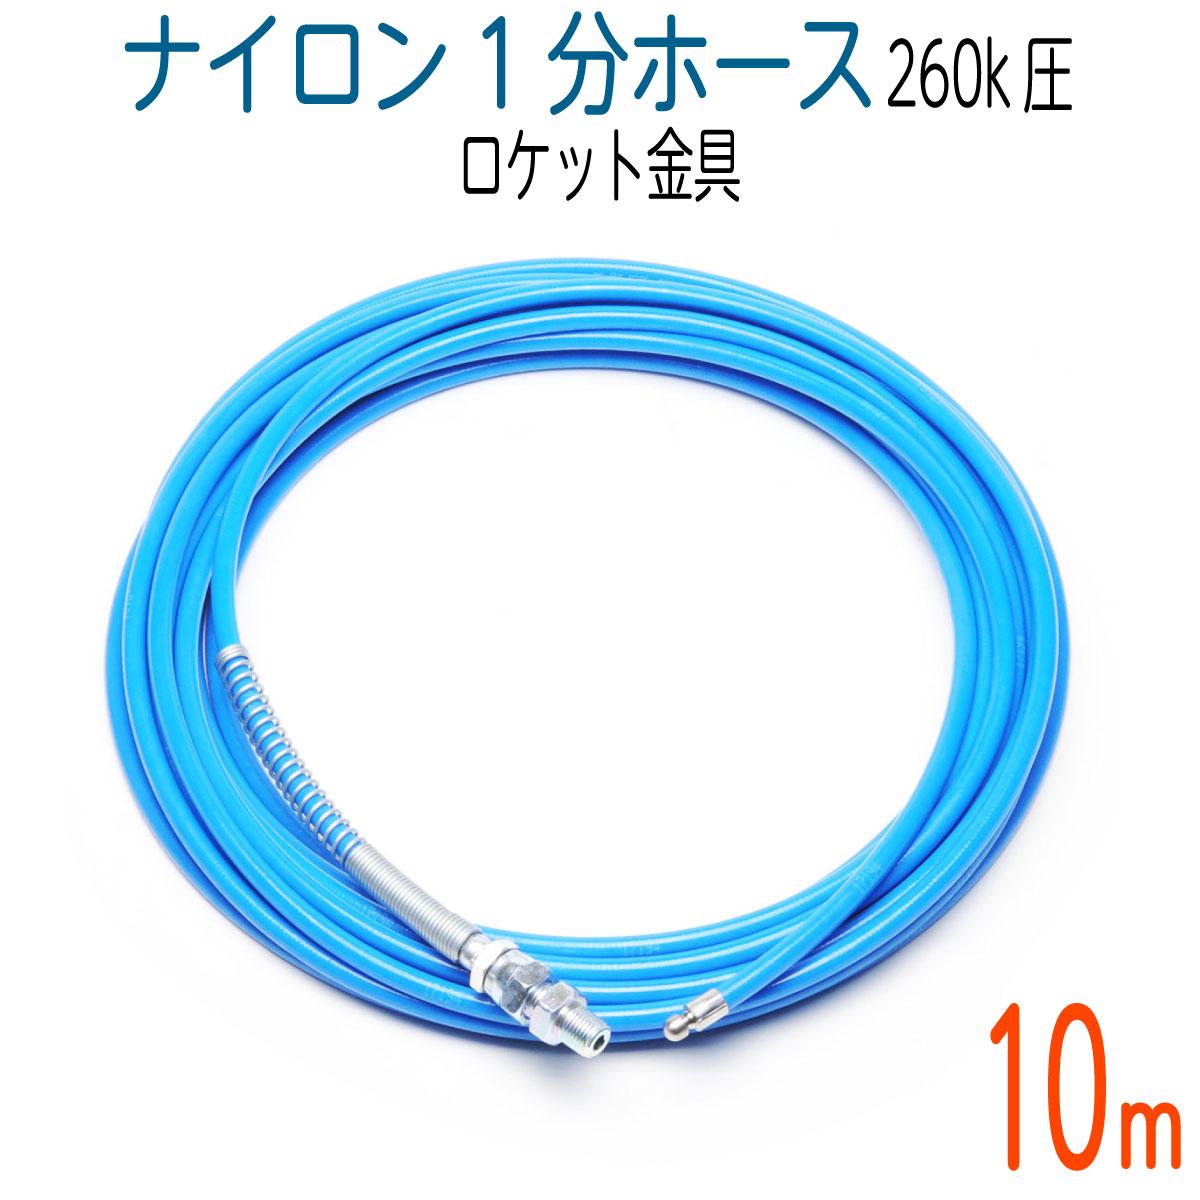 【ロケット金具】ナイロン洗管ホース 3.6(1分)×【10M】